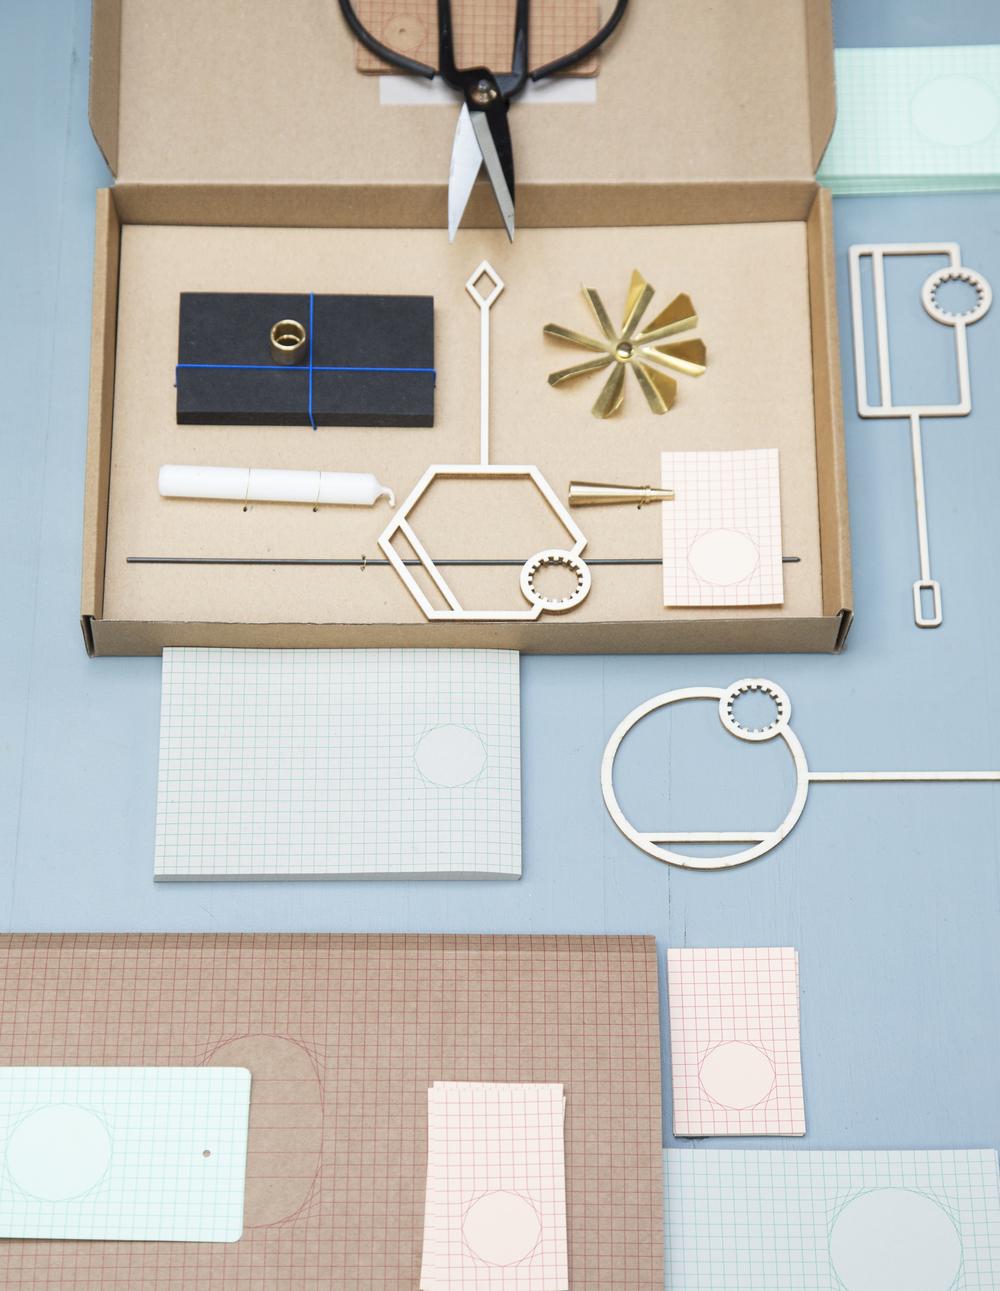 Doos met kandelaar van de  Intuïtiefabriek , Houten bellenblaas van  Little Black Book  ,  Papier van  Ontwerpduo,  Schaar van  Bijzondermooi